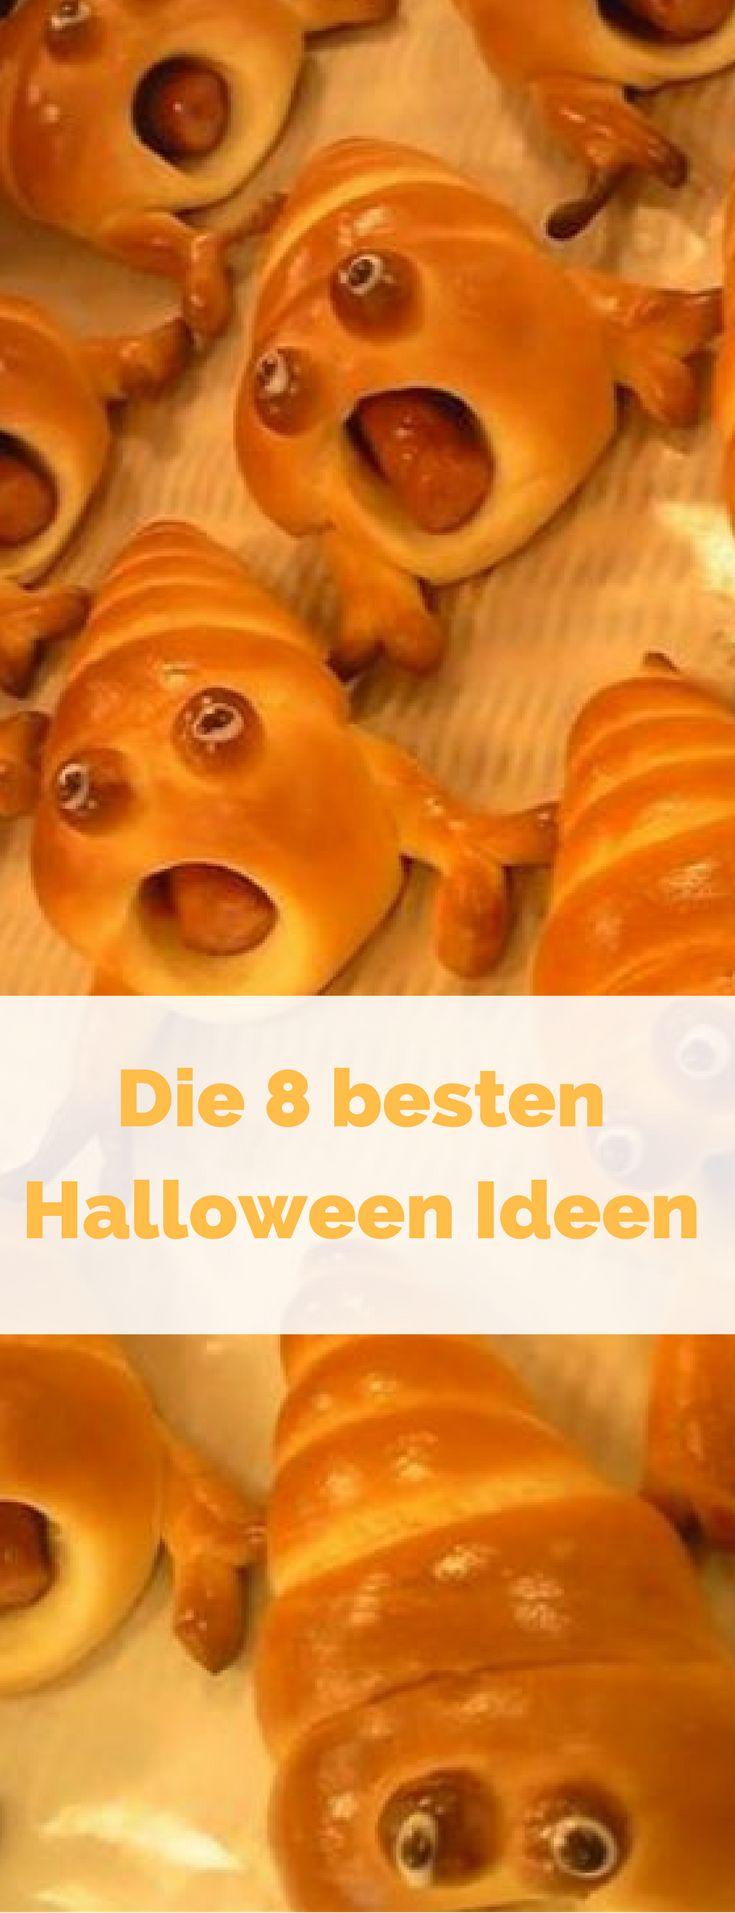 Halloween Essen - gruselig genug kann es da ja nie zugehen. Was haltet ihr von diesen schreienden Hörnchen mit Wurstfüllung? Die sind doch ein Kracher, oder?